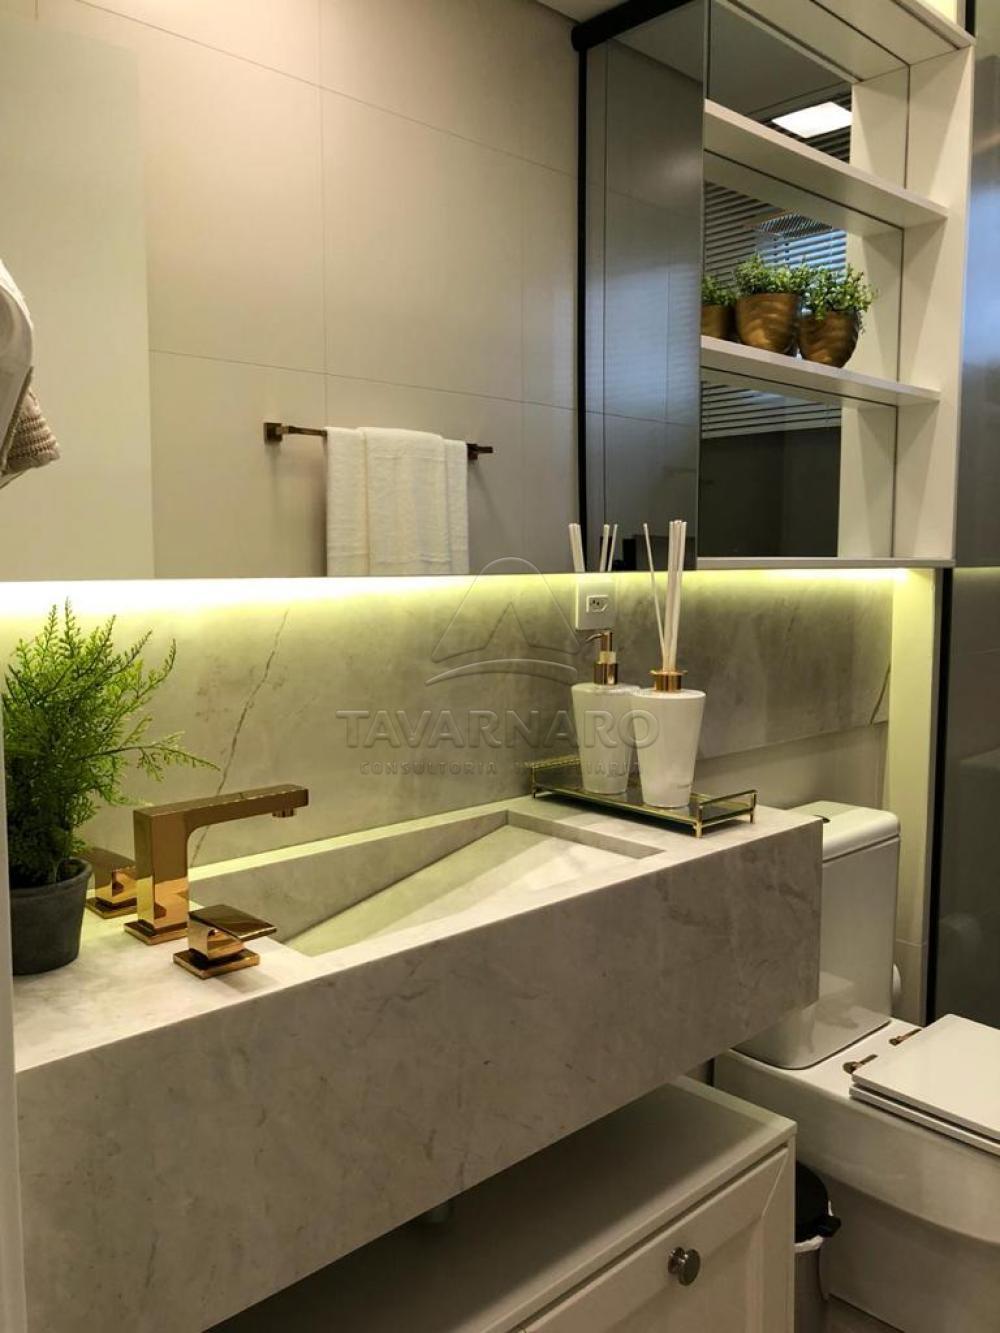 Comprar Apartamento / Padrão em Ponta Grossa R$ 1.500.000,00 - Foto 14